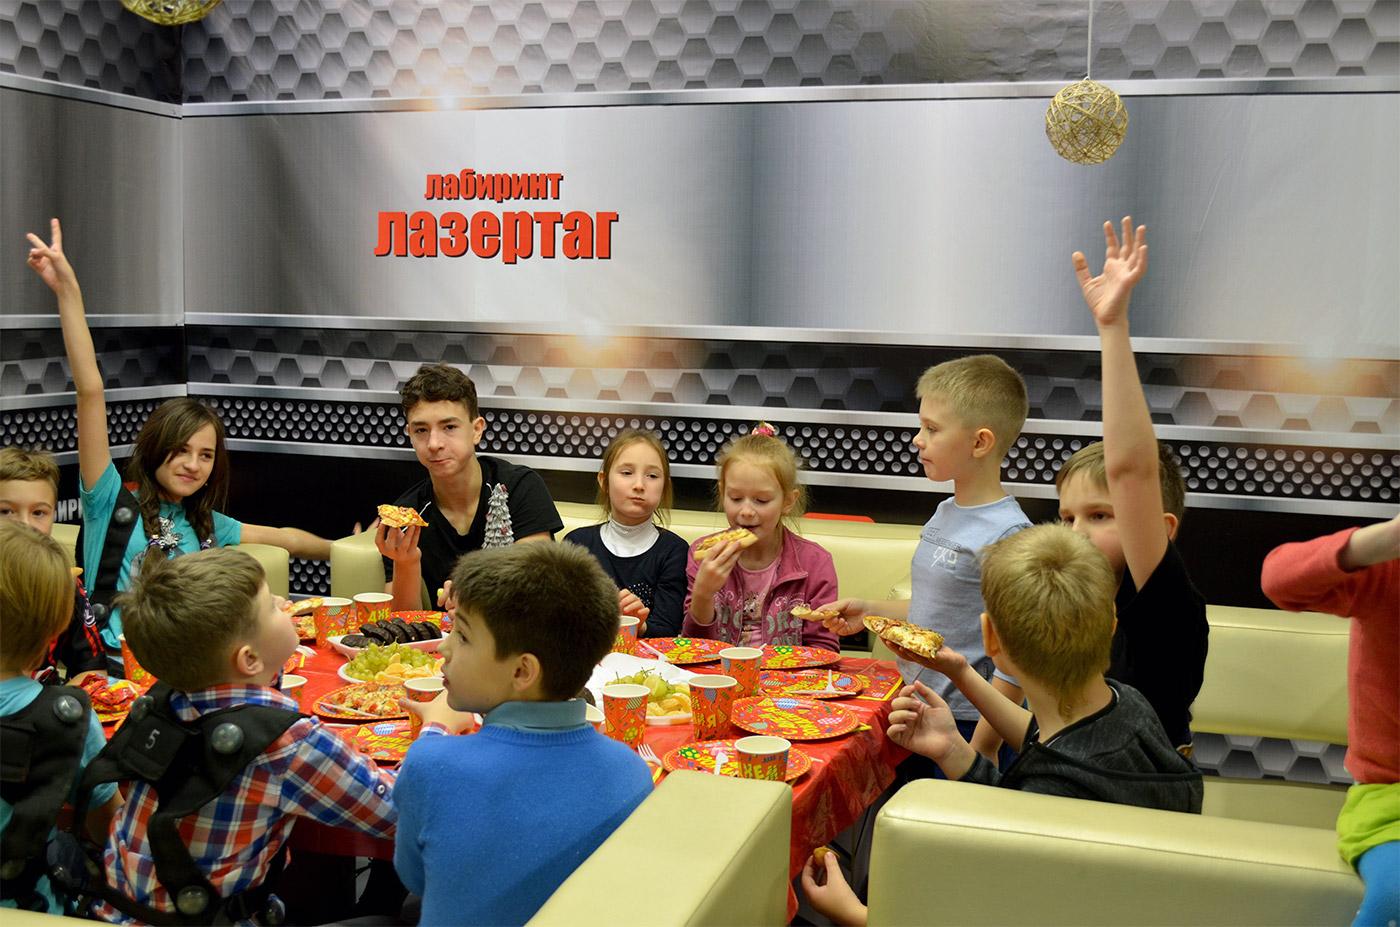 лазертаг-празднование-у-детей